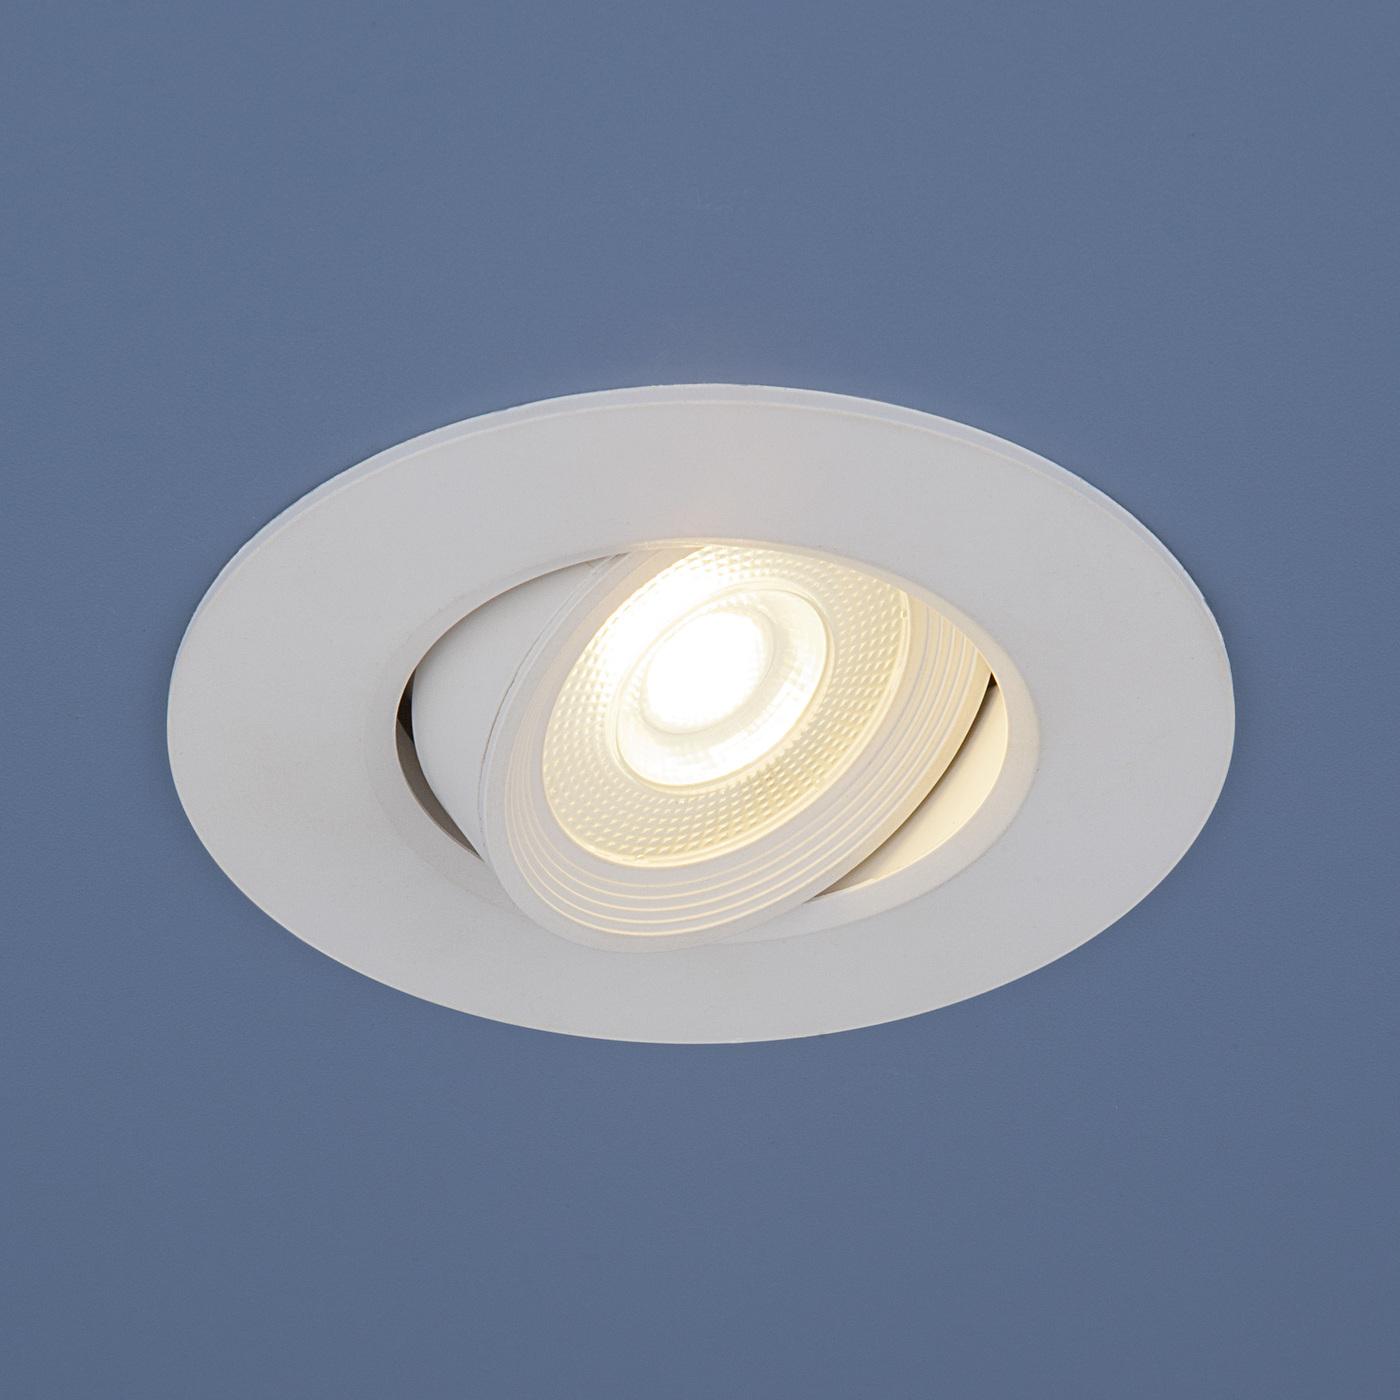 Встраиваемый светильник Elektrostandard потолочный светодиодный 9906 LED 6W WH